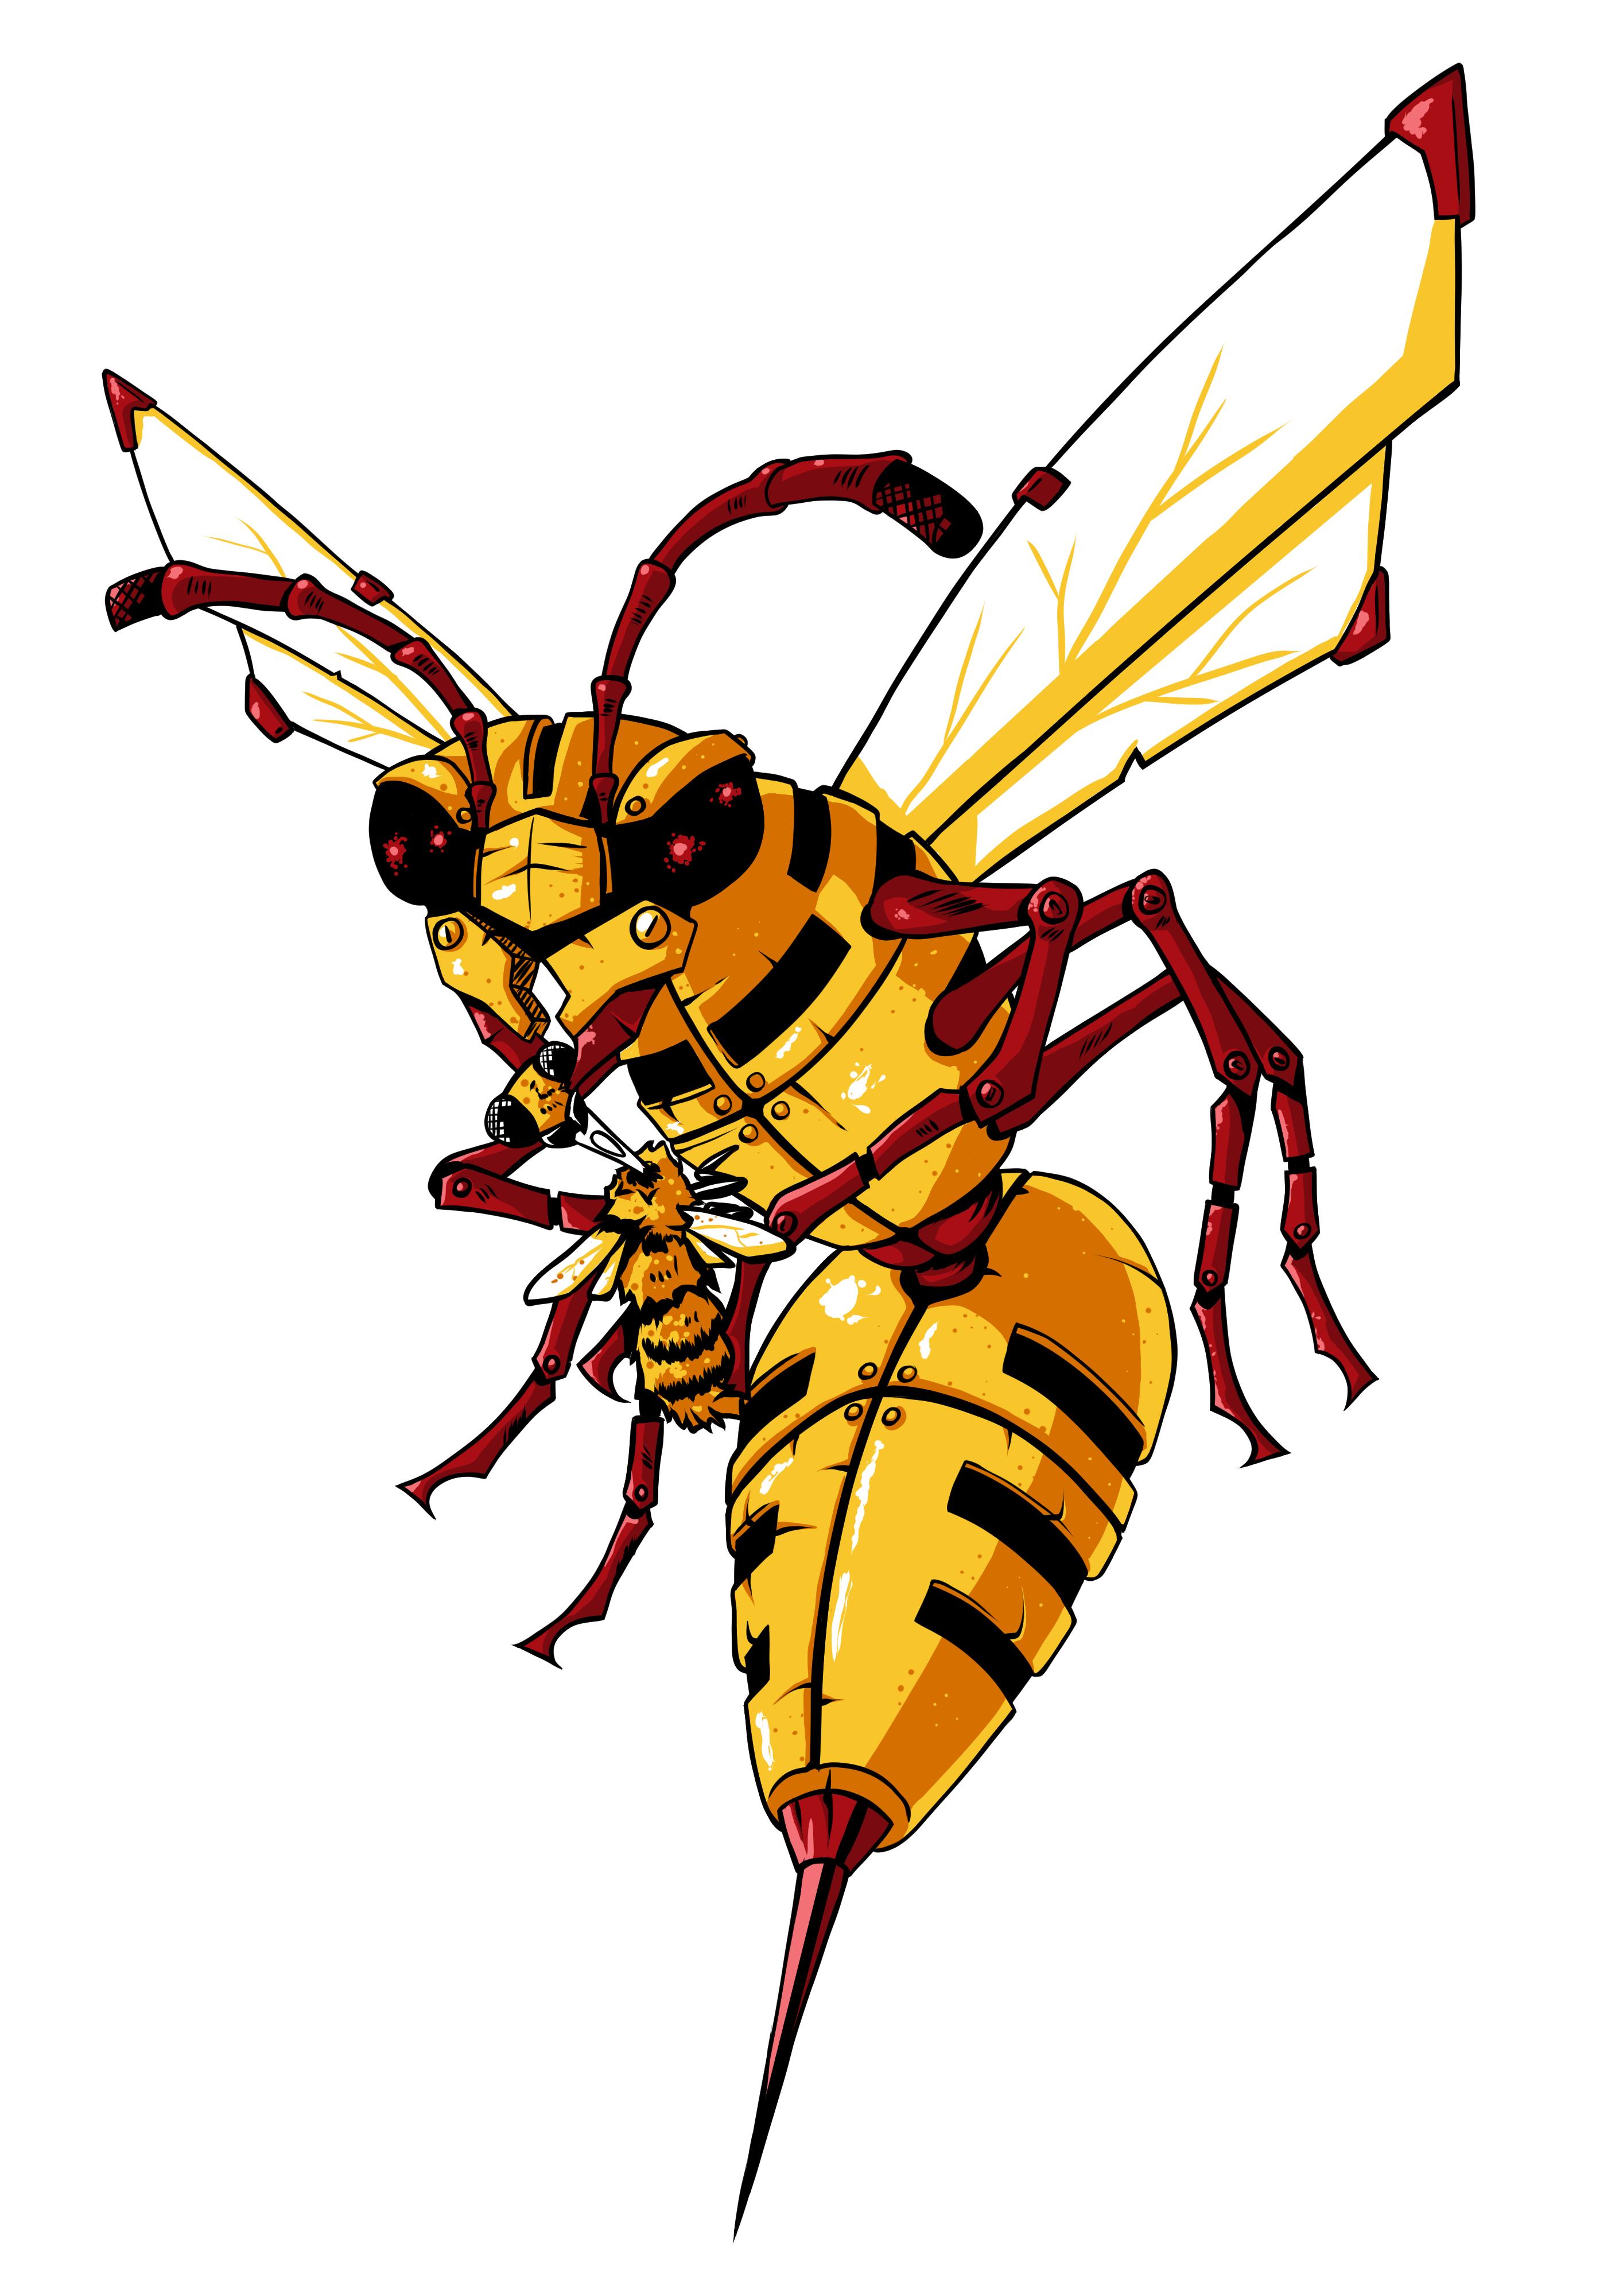 Robot Hornet